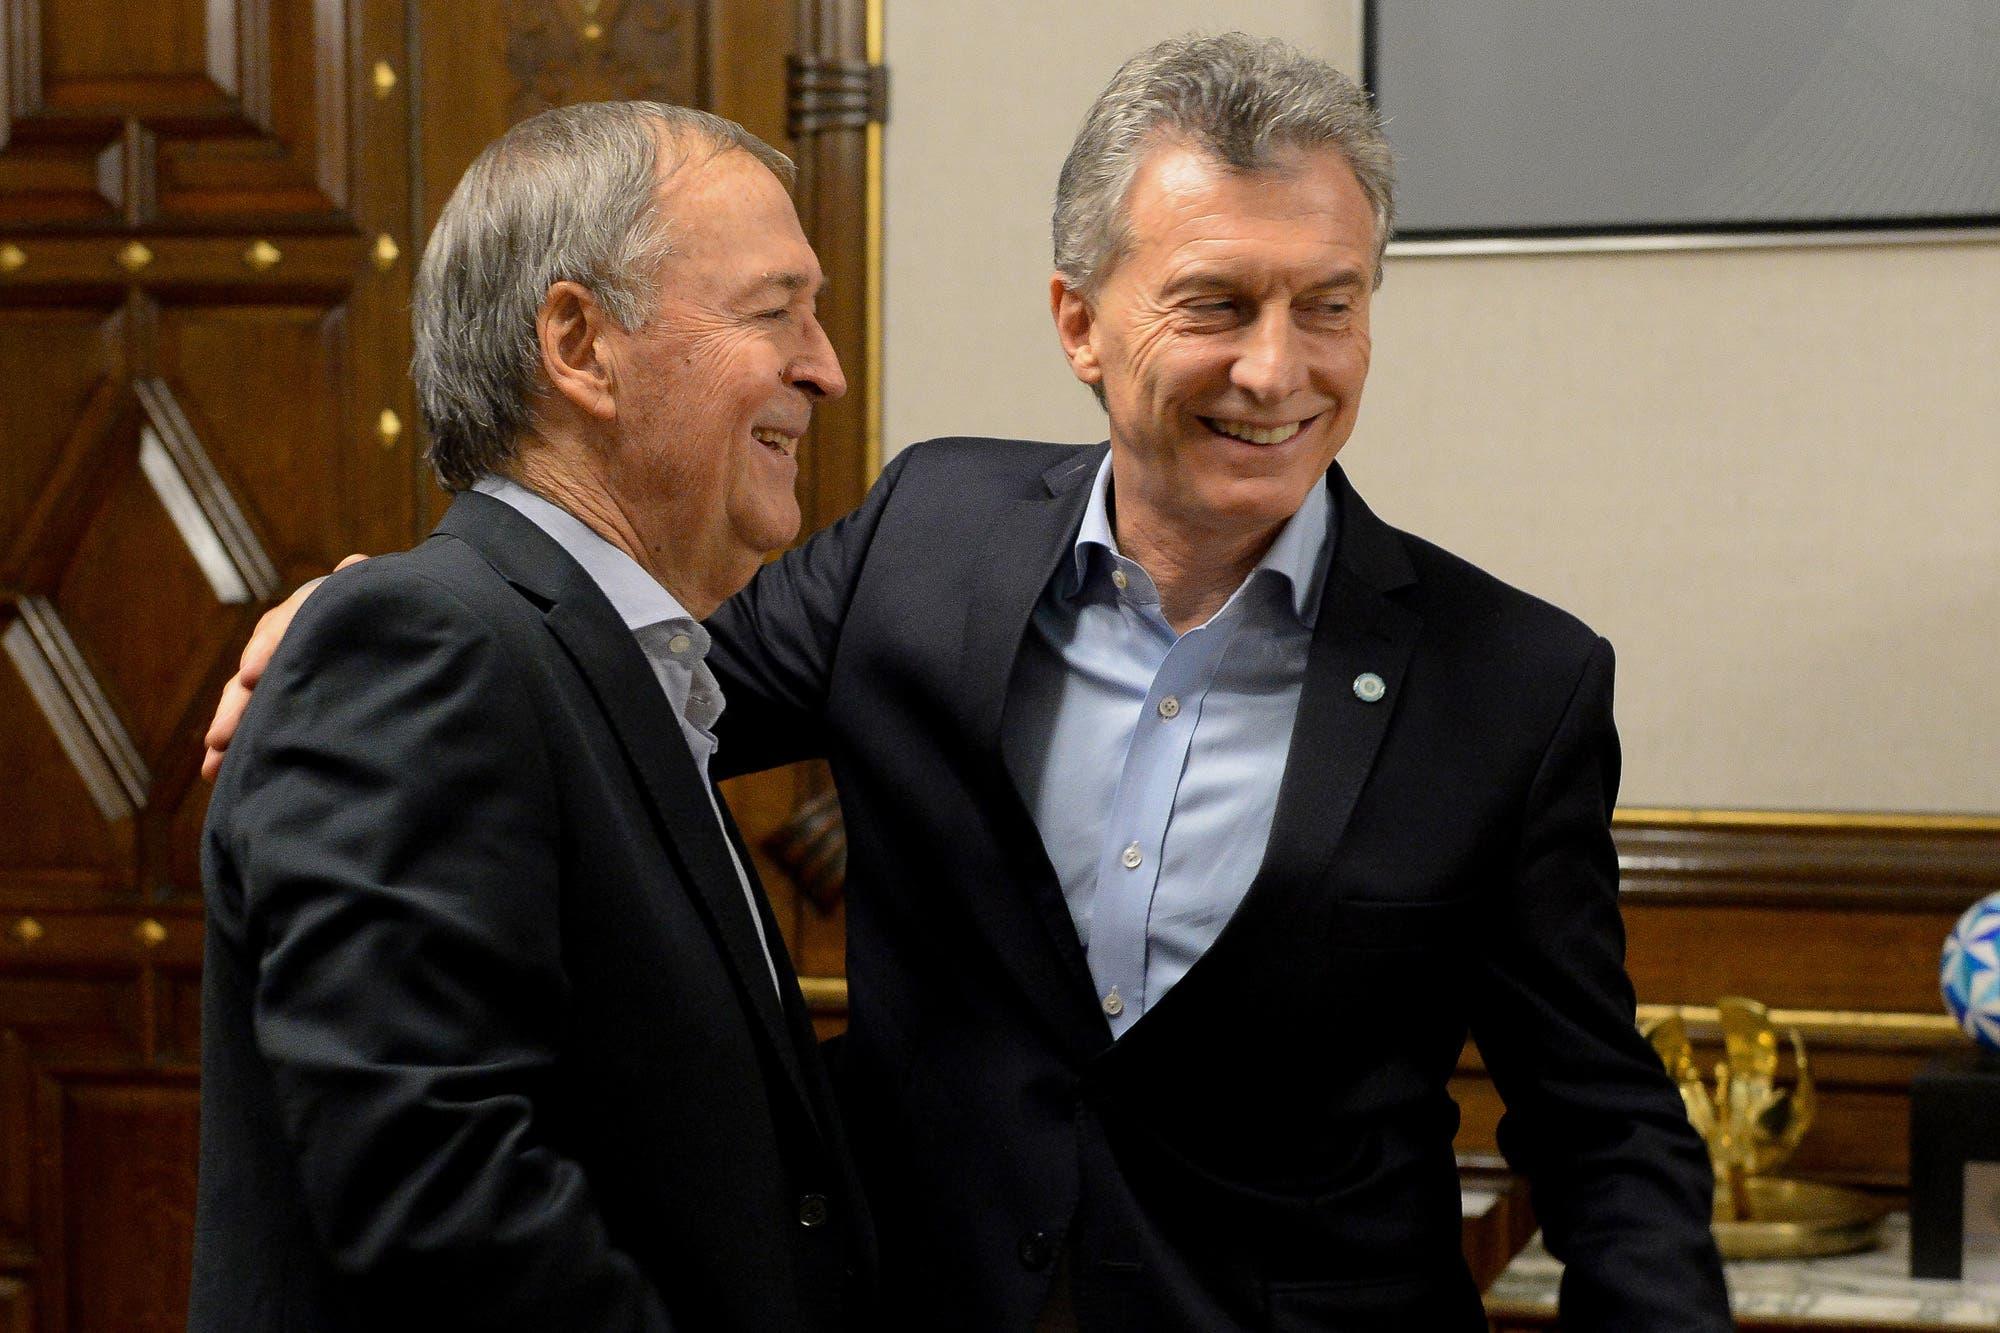 Reunión de Macri y Schiaretti: un abrazo y un mensaje al kirchnerismo y al PJ